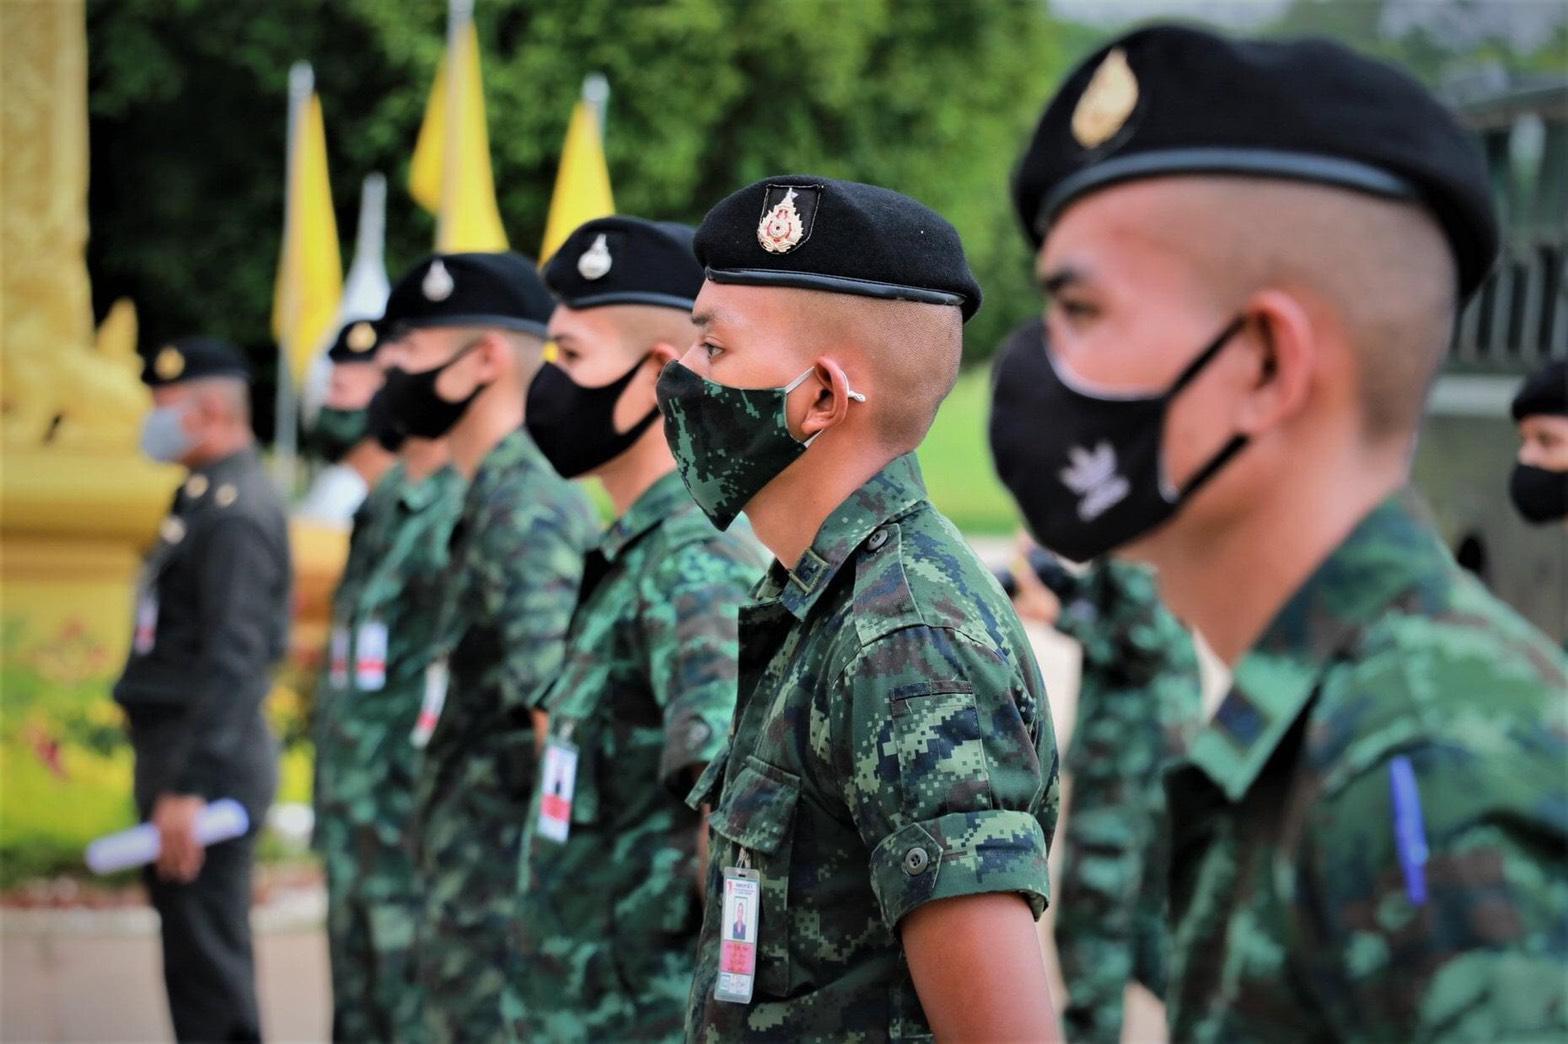 เกณฑ์ทหาร 63 กองทัพ แจ้งผู้รับการตรวจเลือกทุกคน ต้องแก้หมายเรียกสด.35 ใหม่